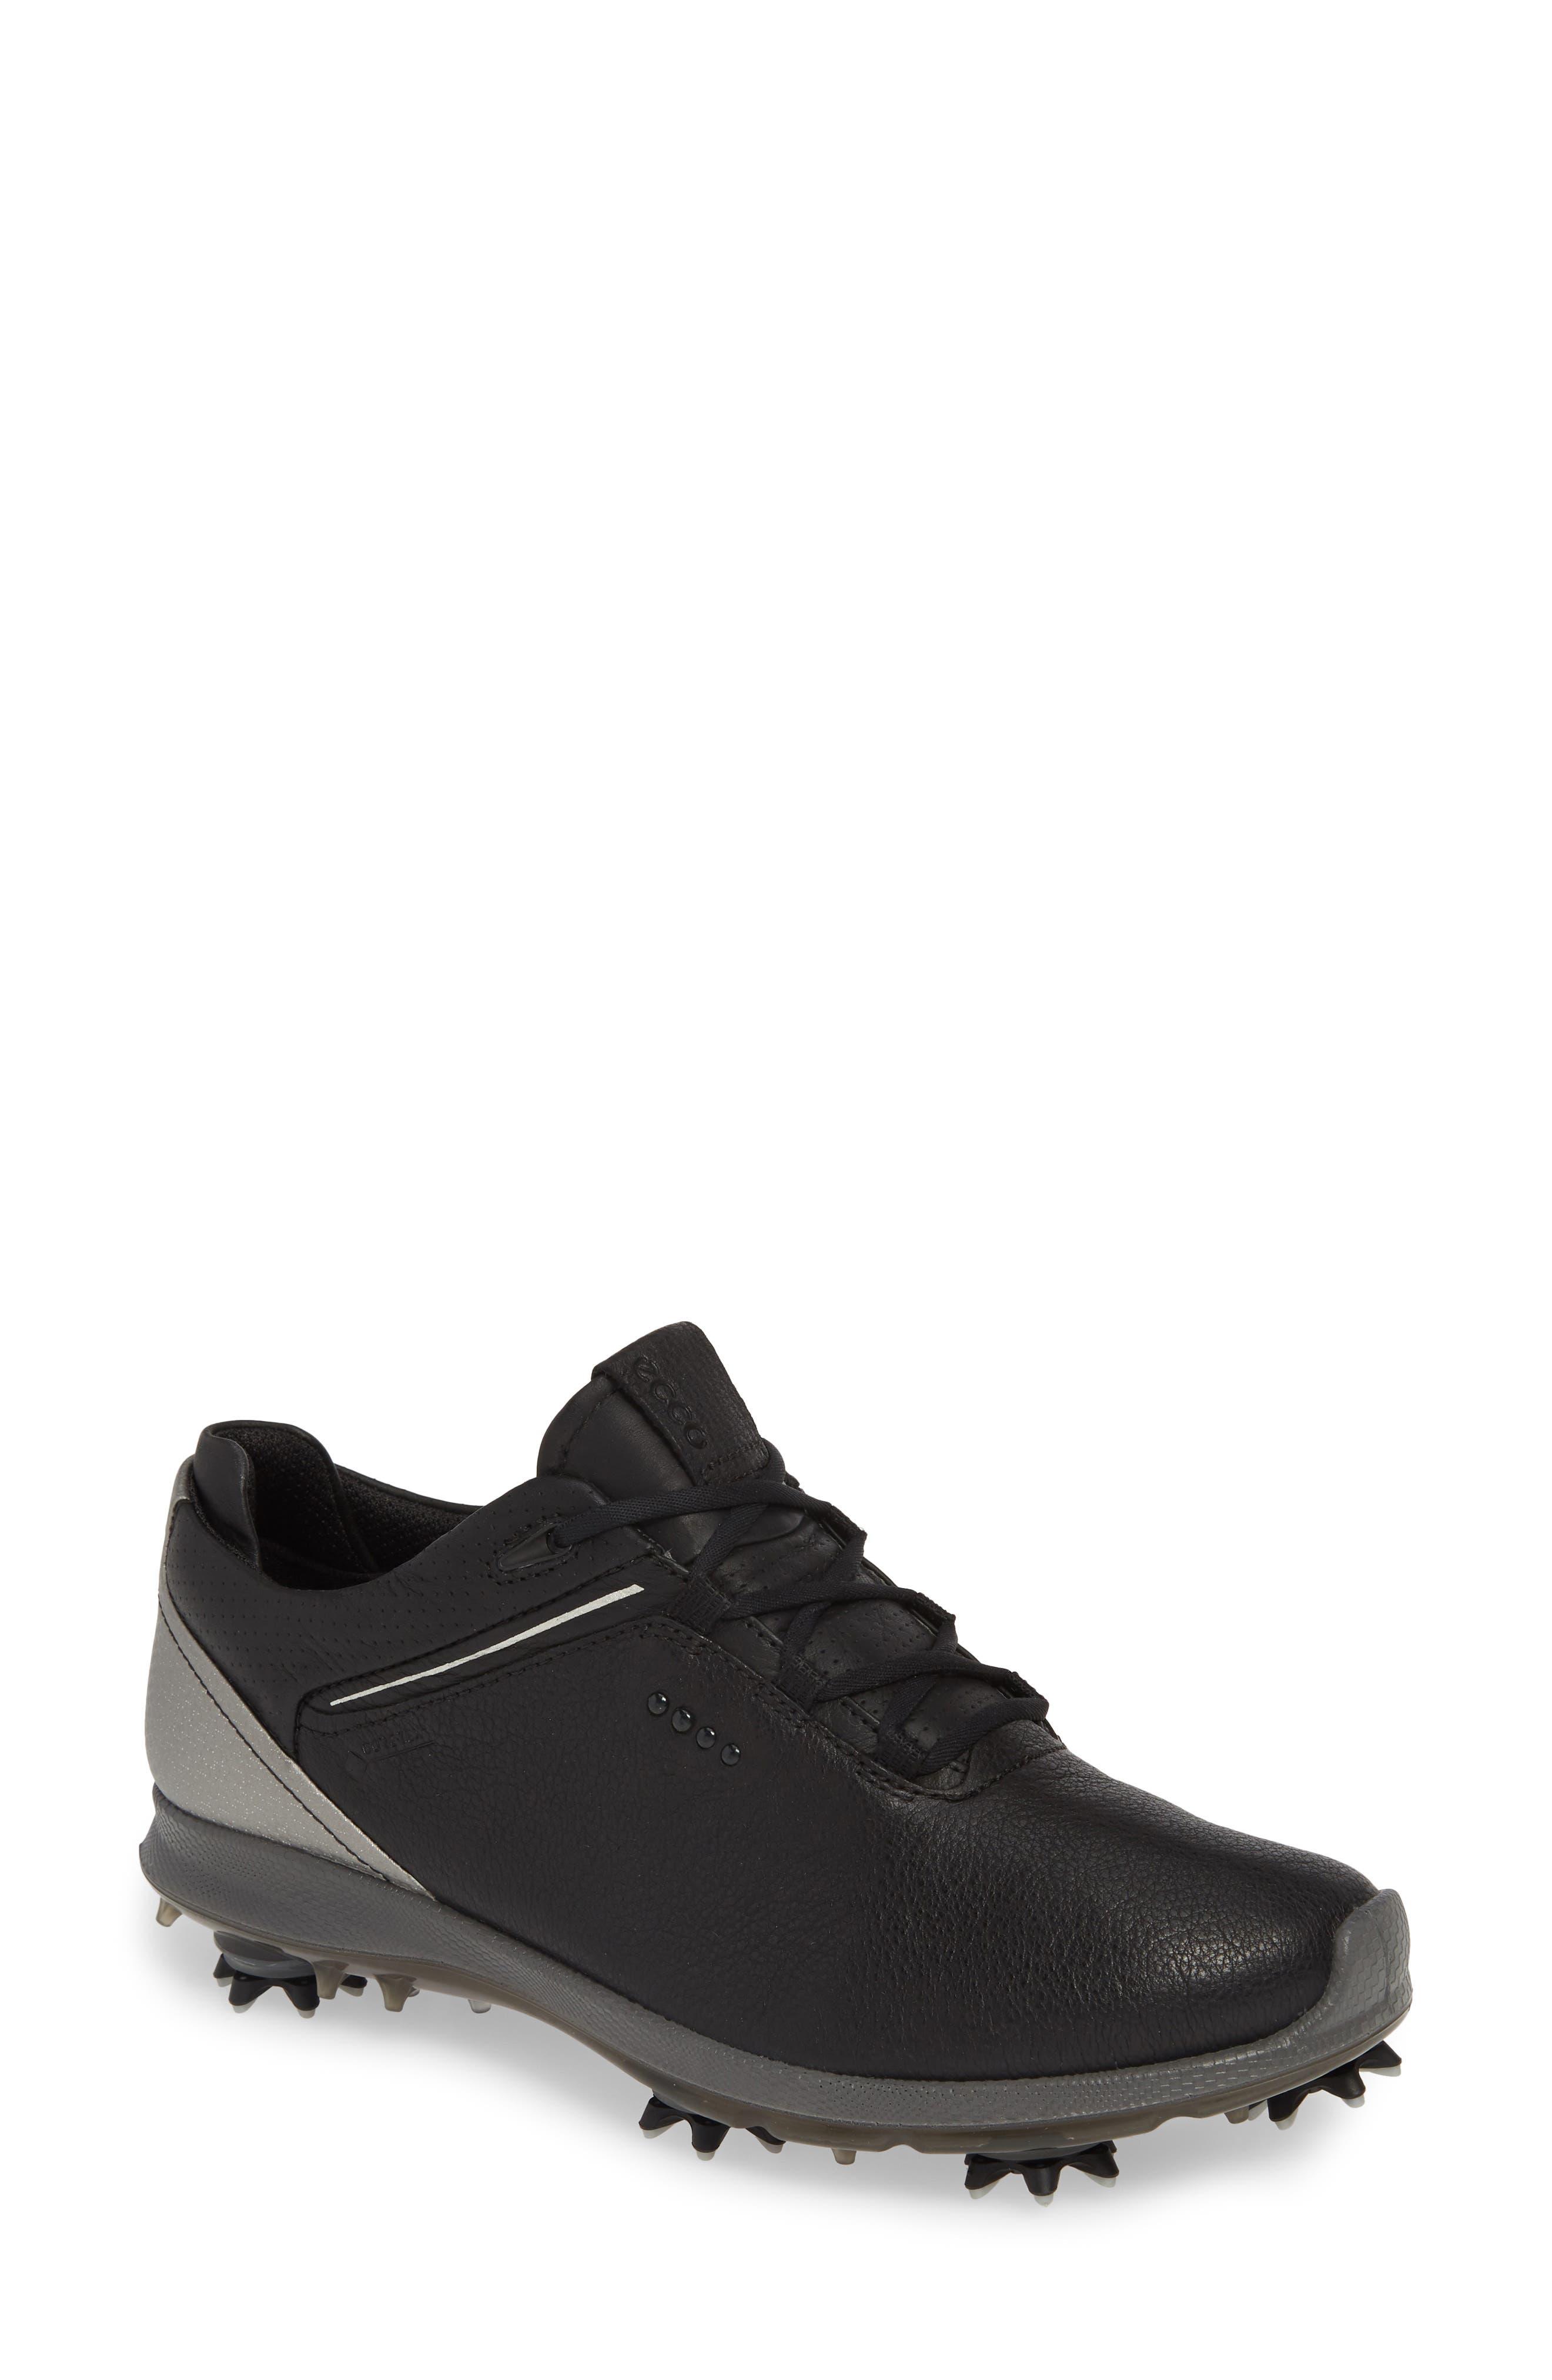 Ecco Biom G 2 Free Gore-Tex Golf Shoe, Black